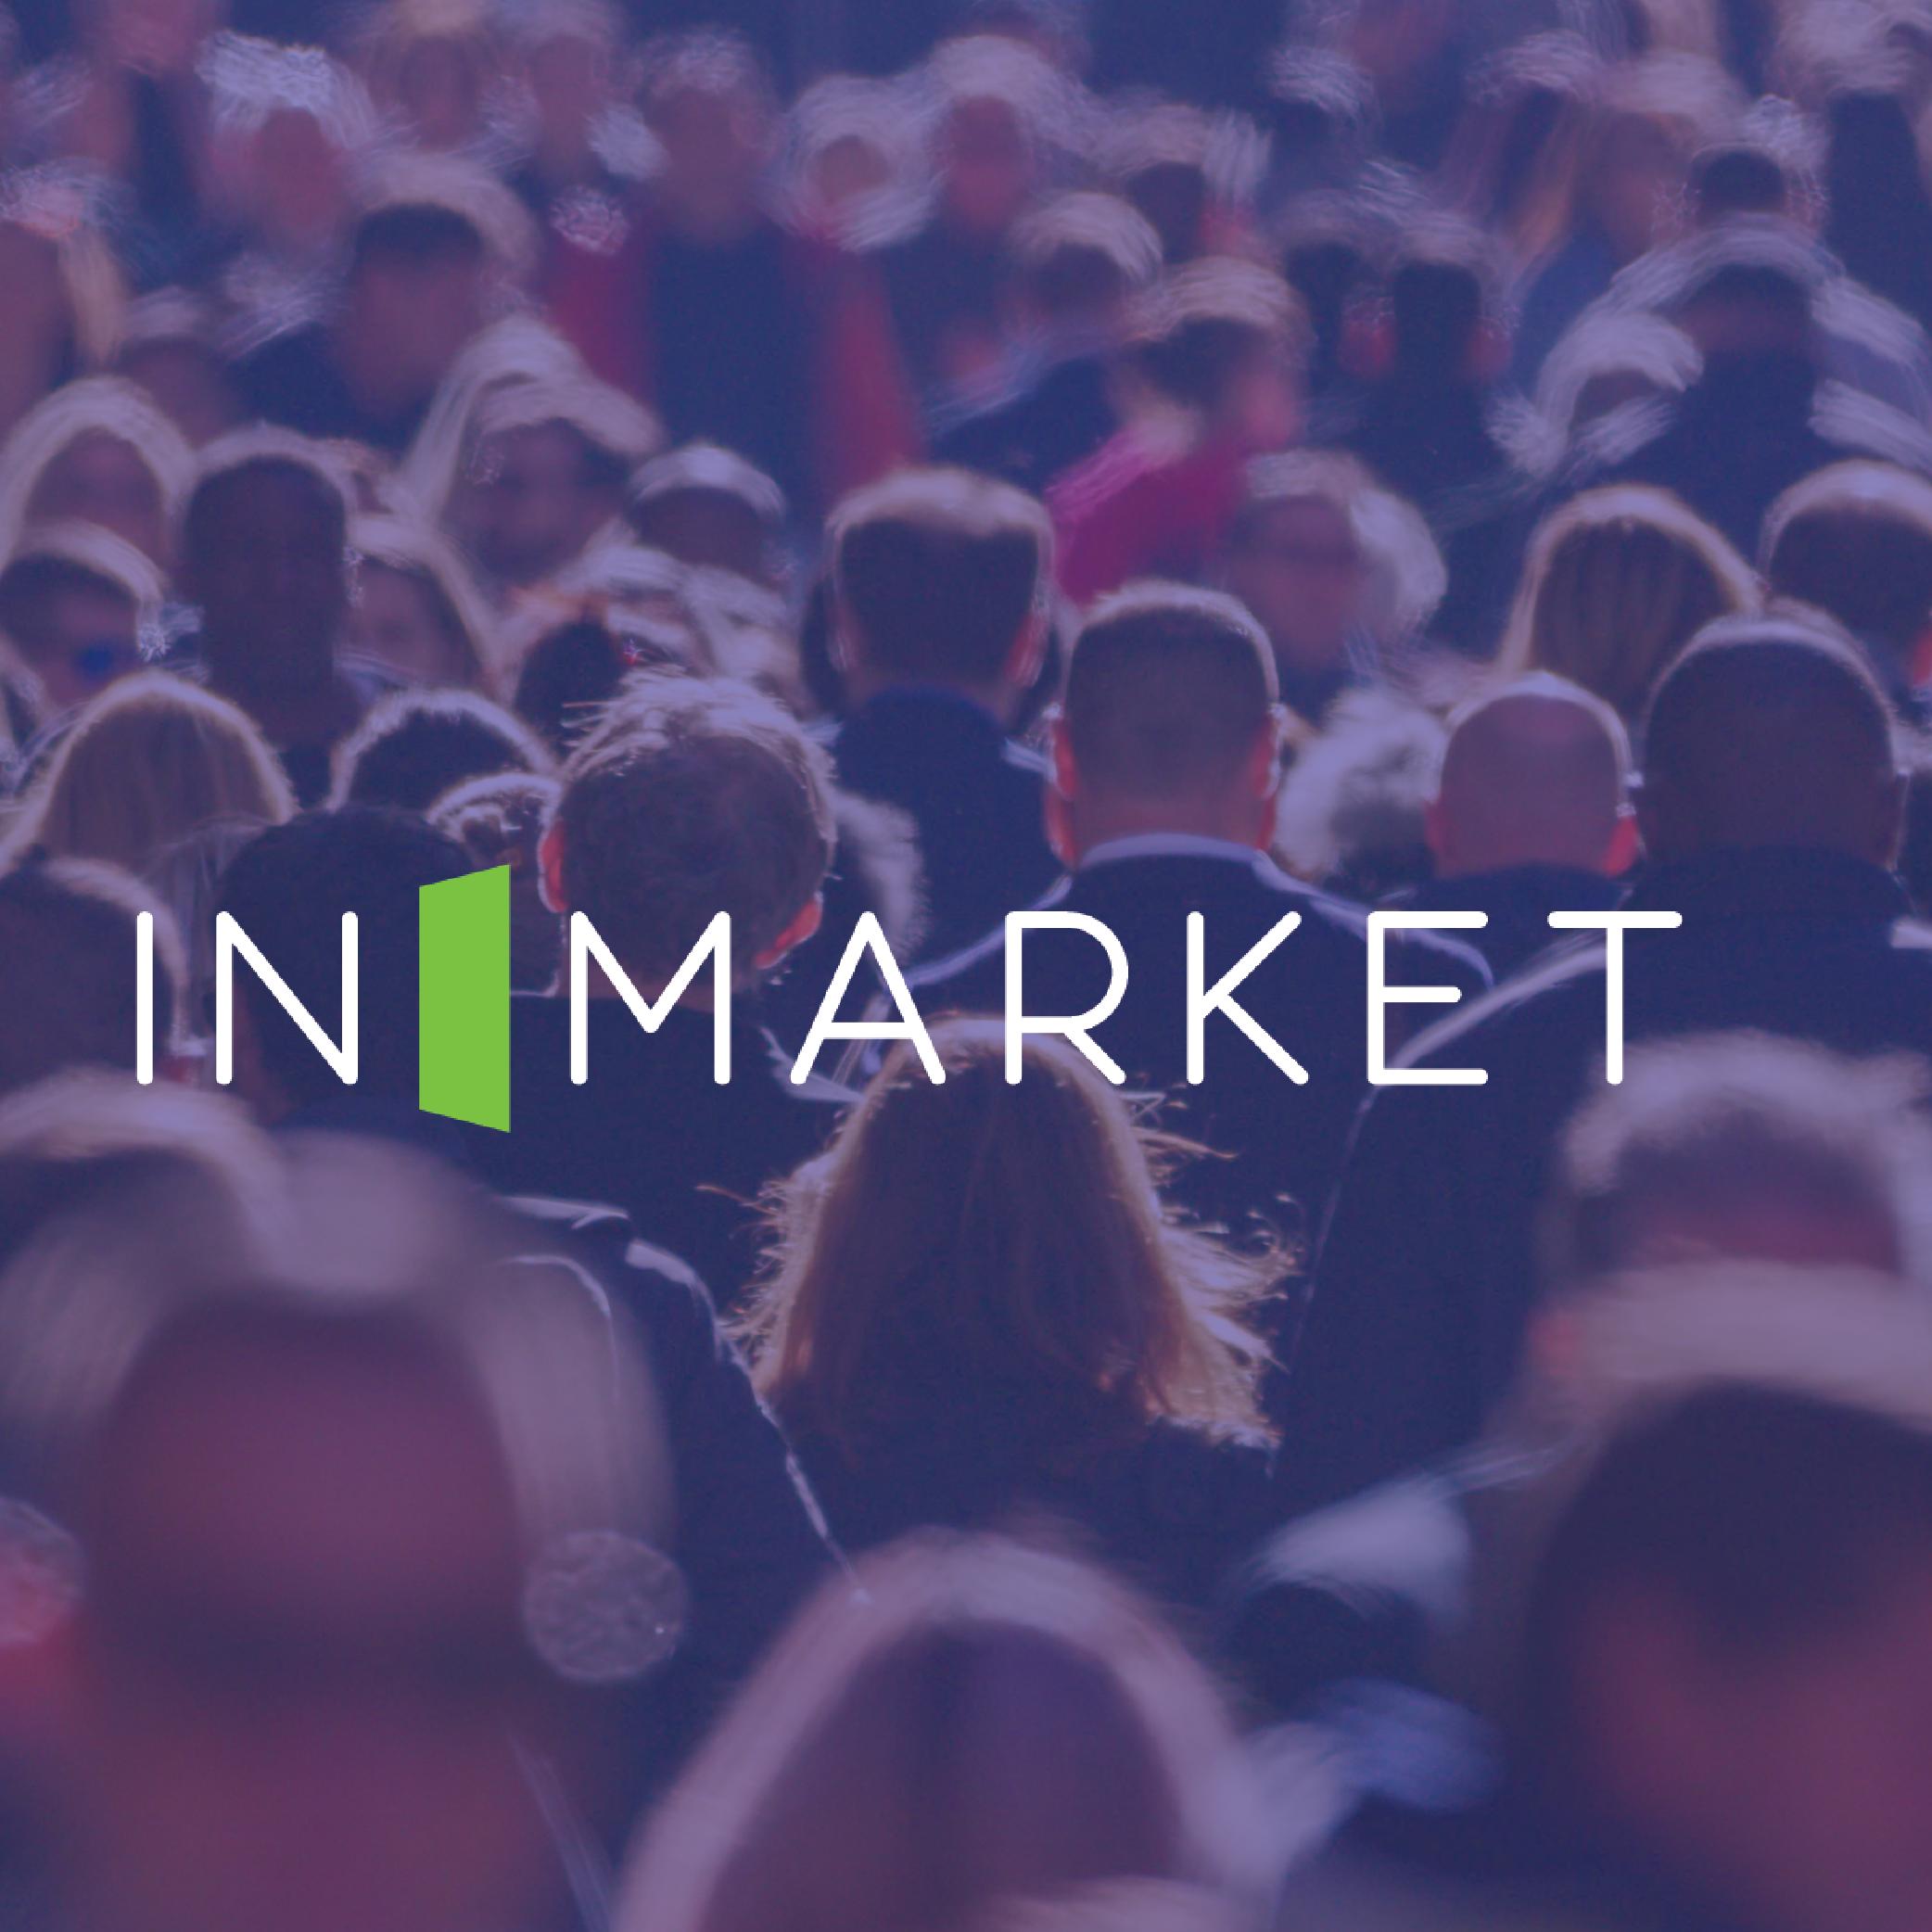 in-market